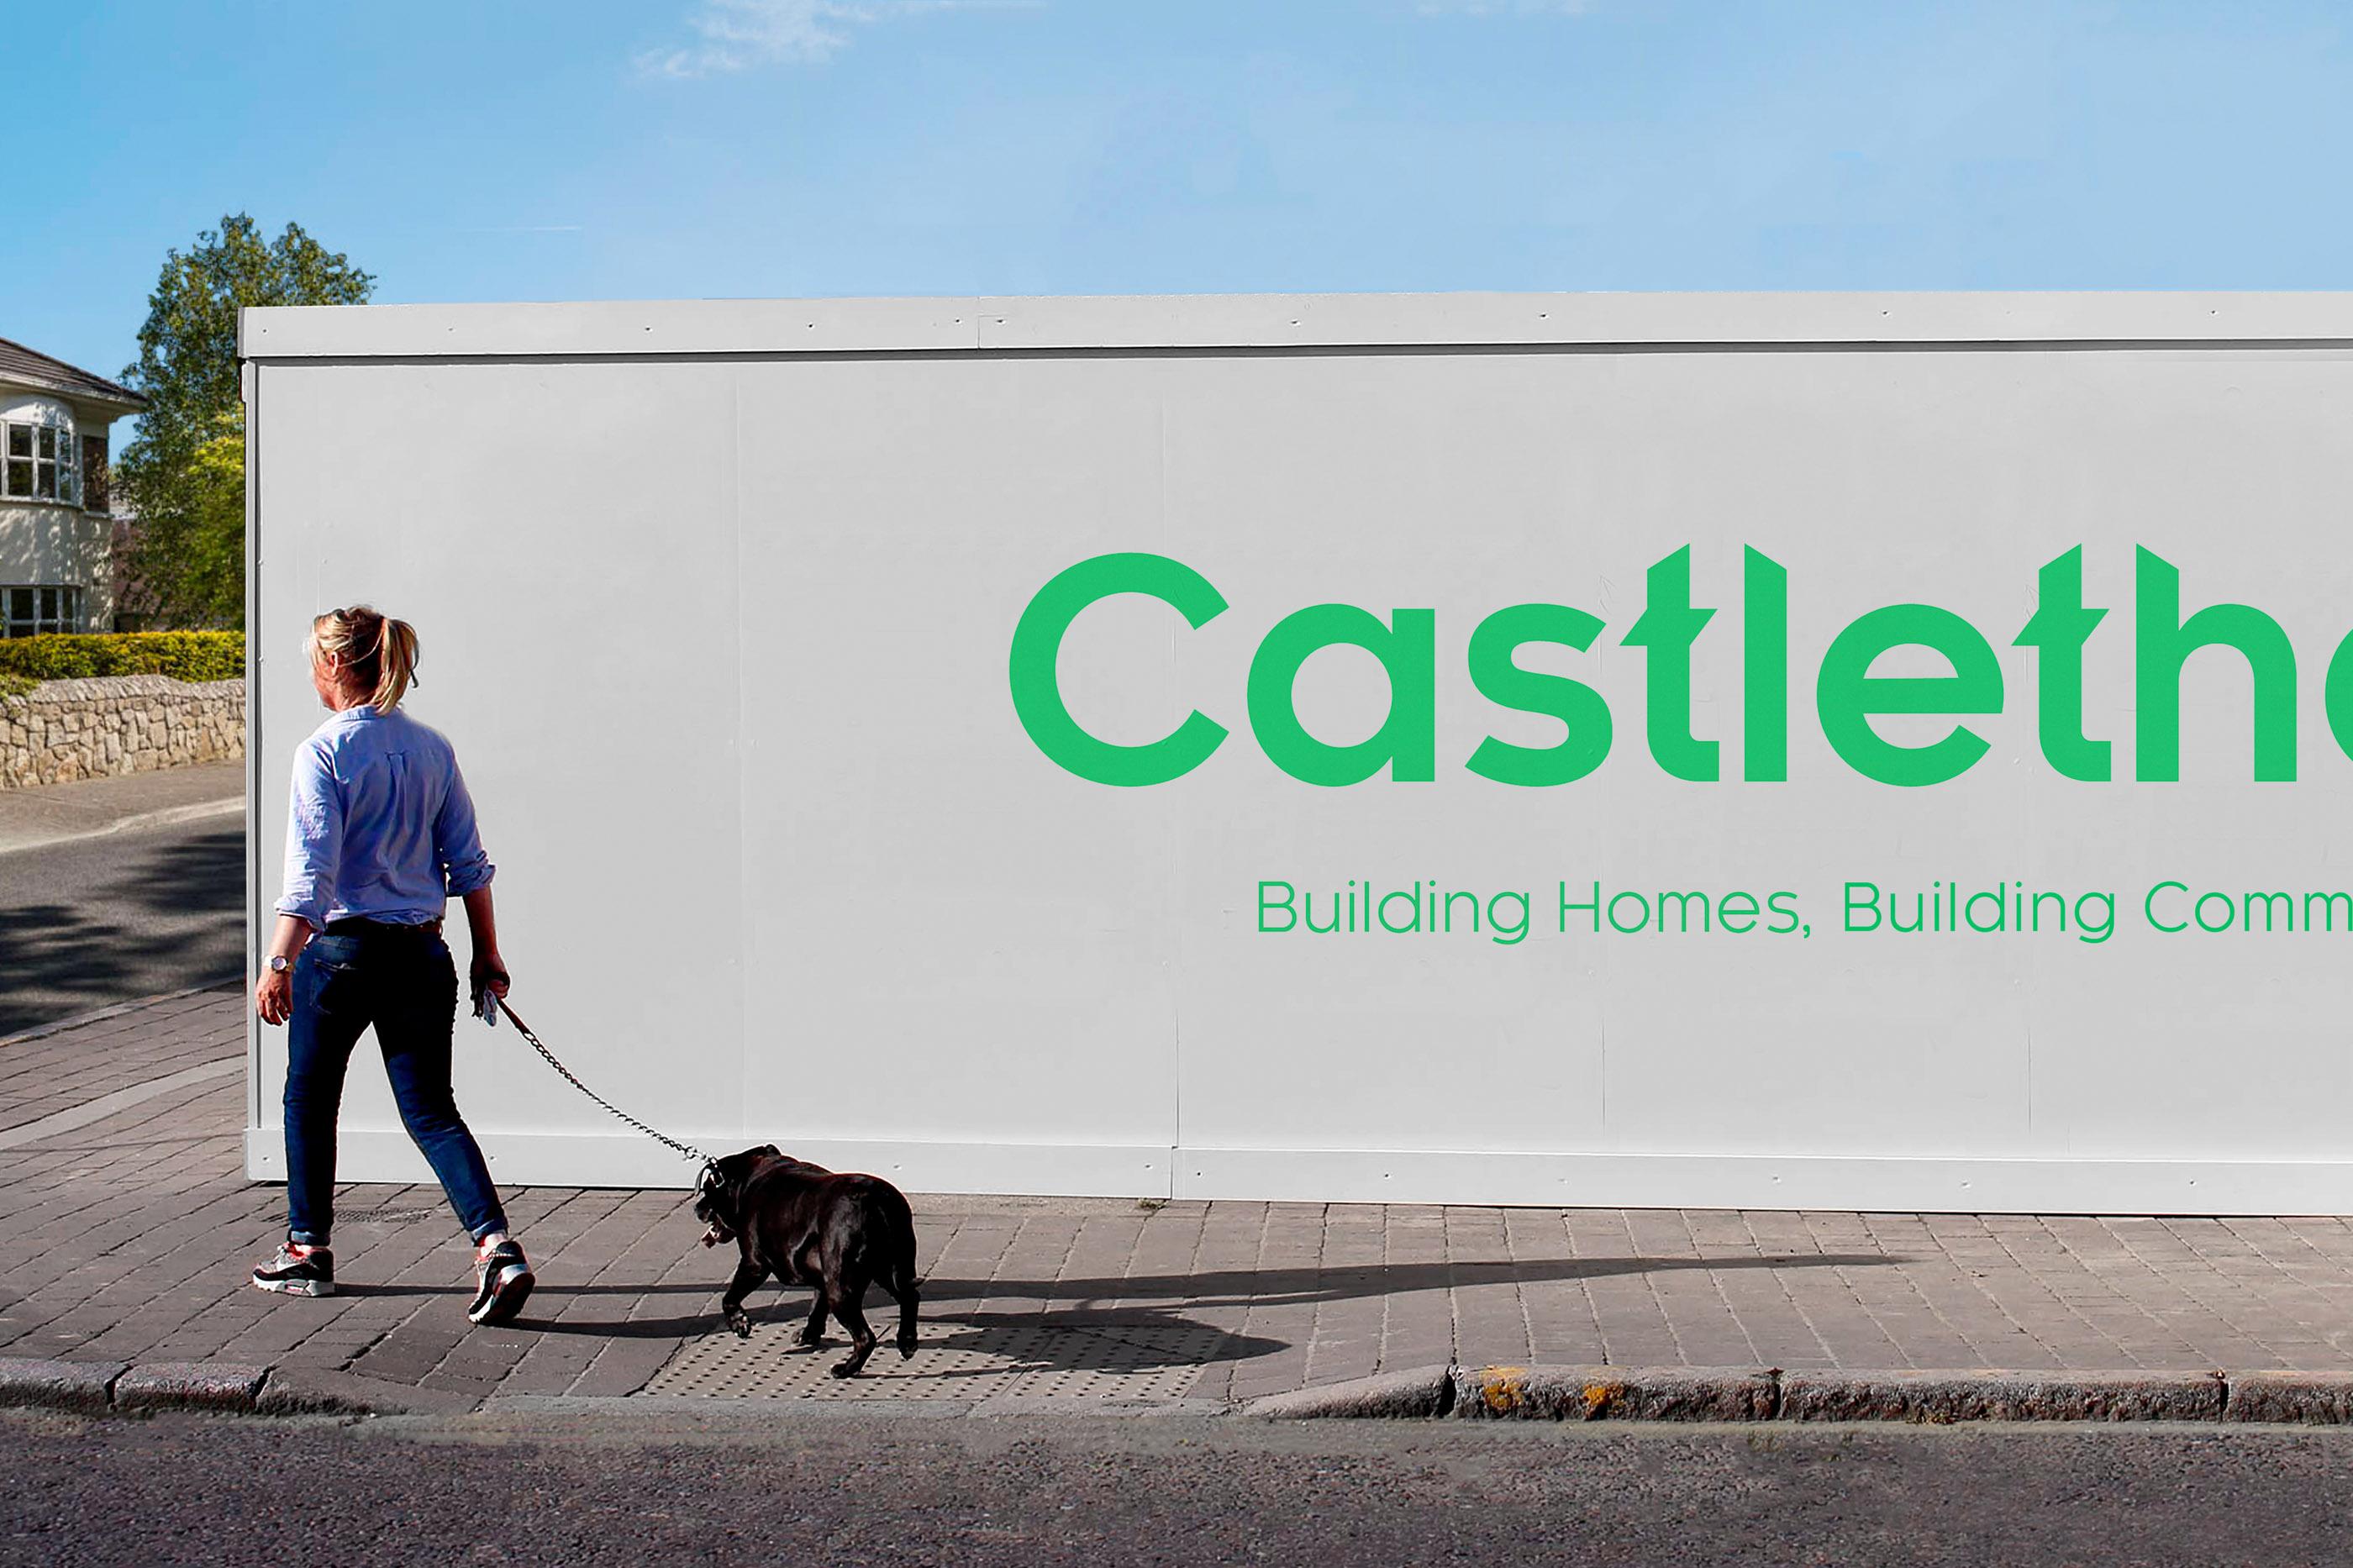 Cover image: Castlethorn